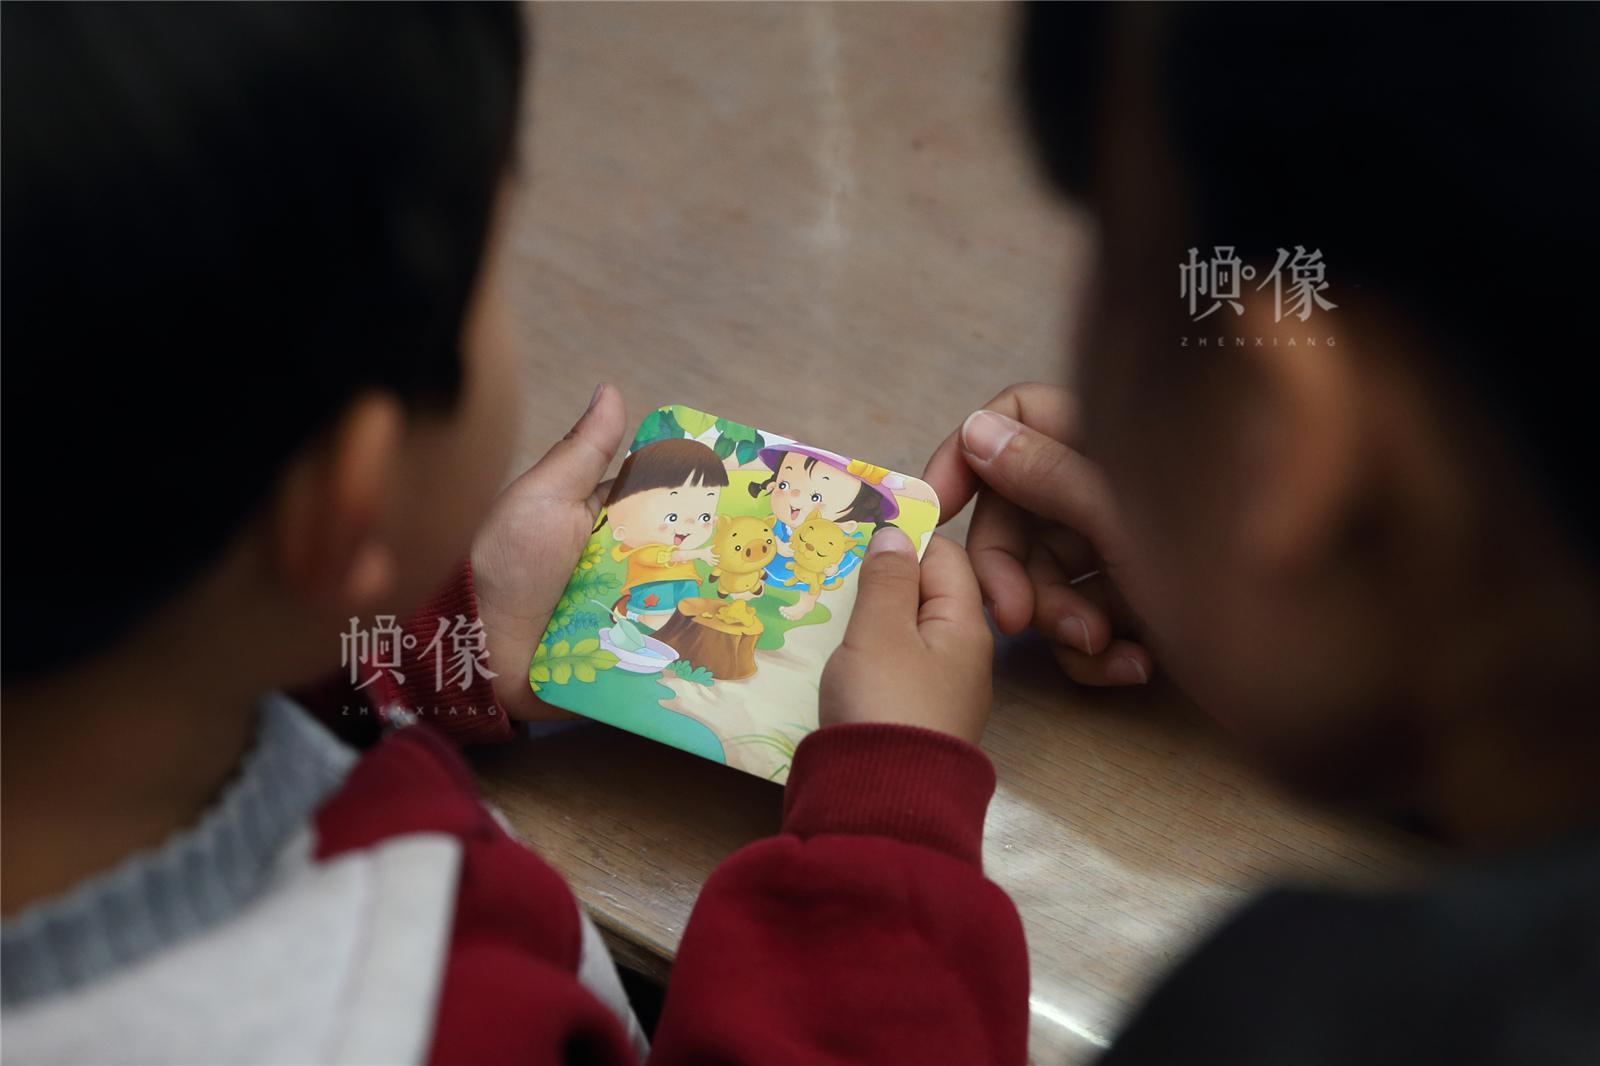 2017年3月27日,北京星星雨教育研究所,5歲的自閉症孩子源源在母親的陪伴下,進行看圖講故事訓練。中國網記者陳維松 攝